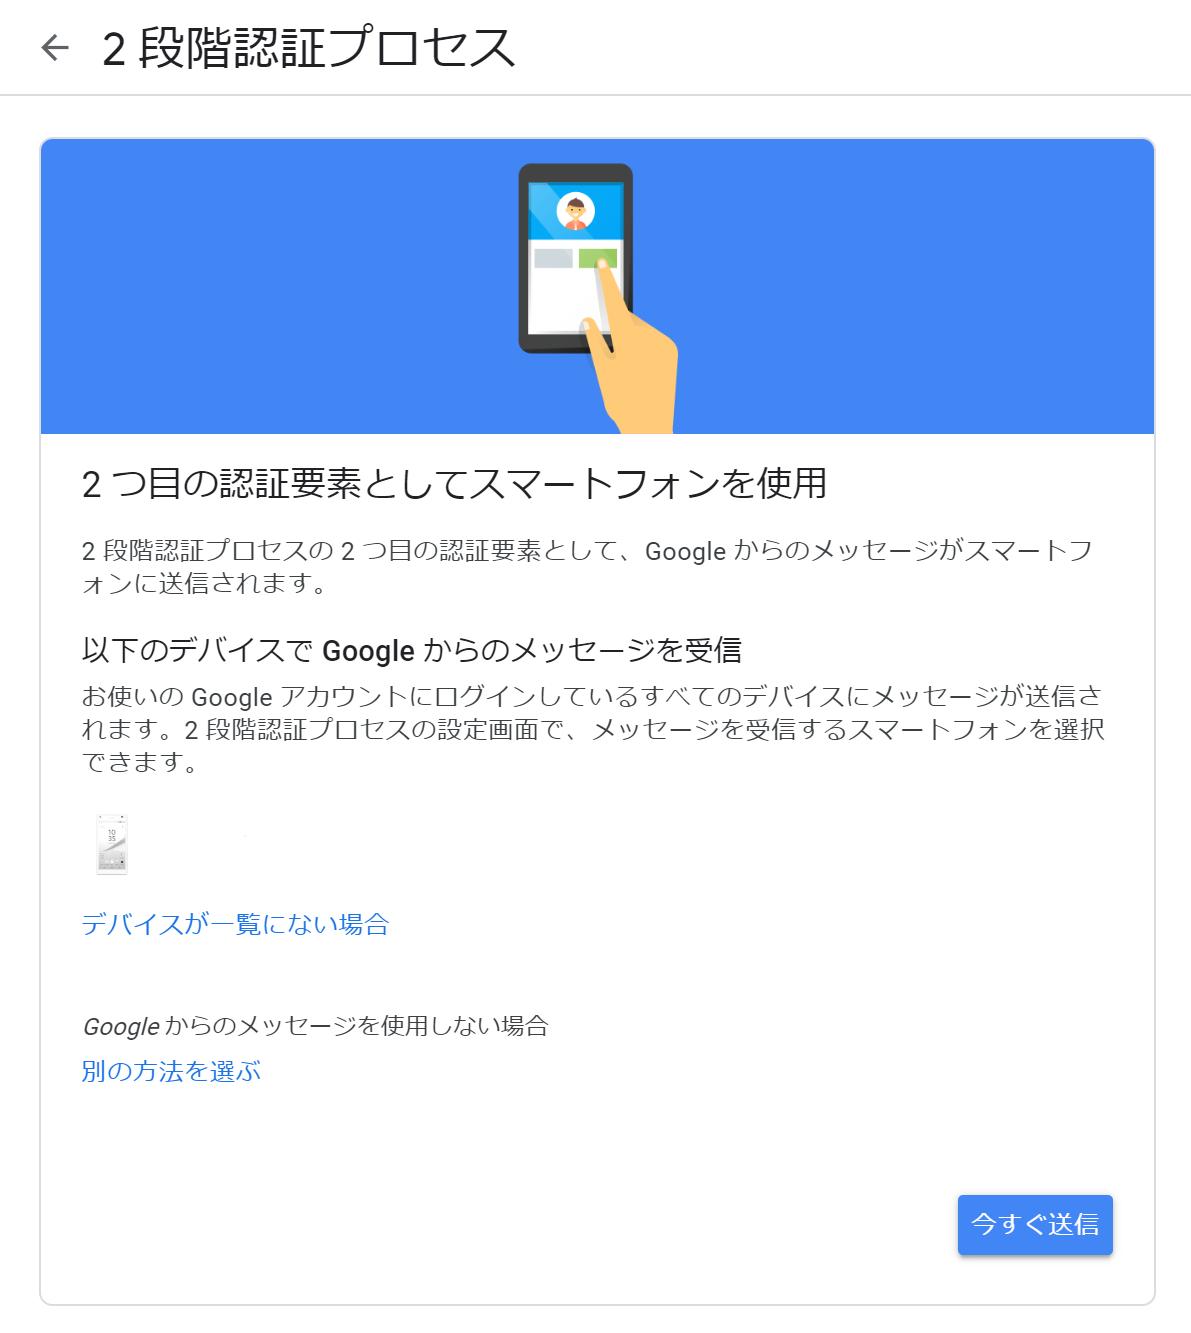 グーグル広告2段階認証スマートフォン